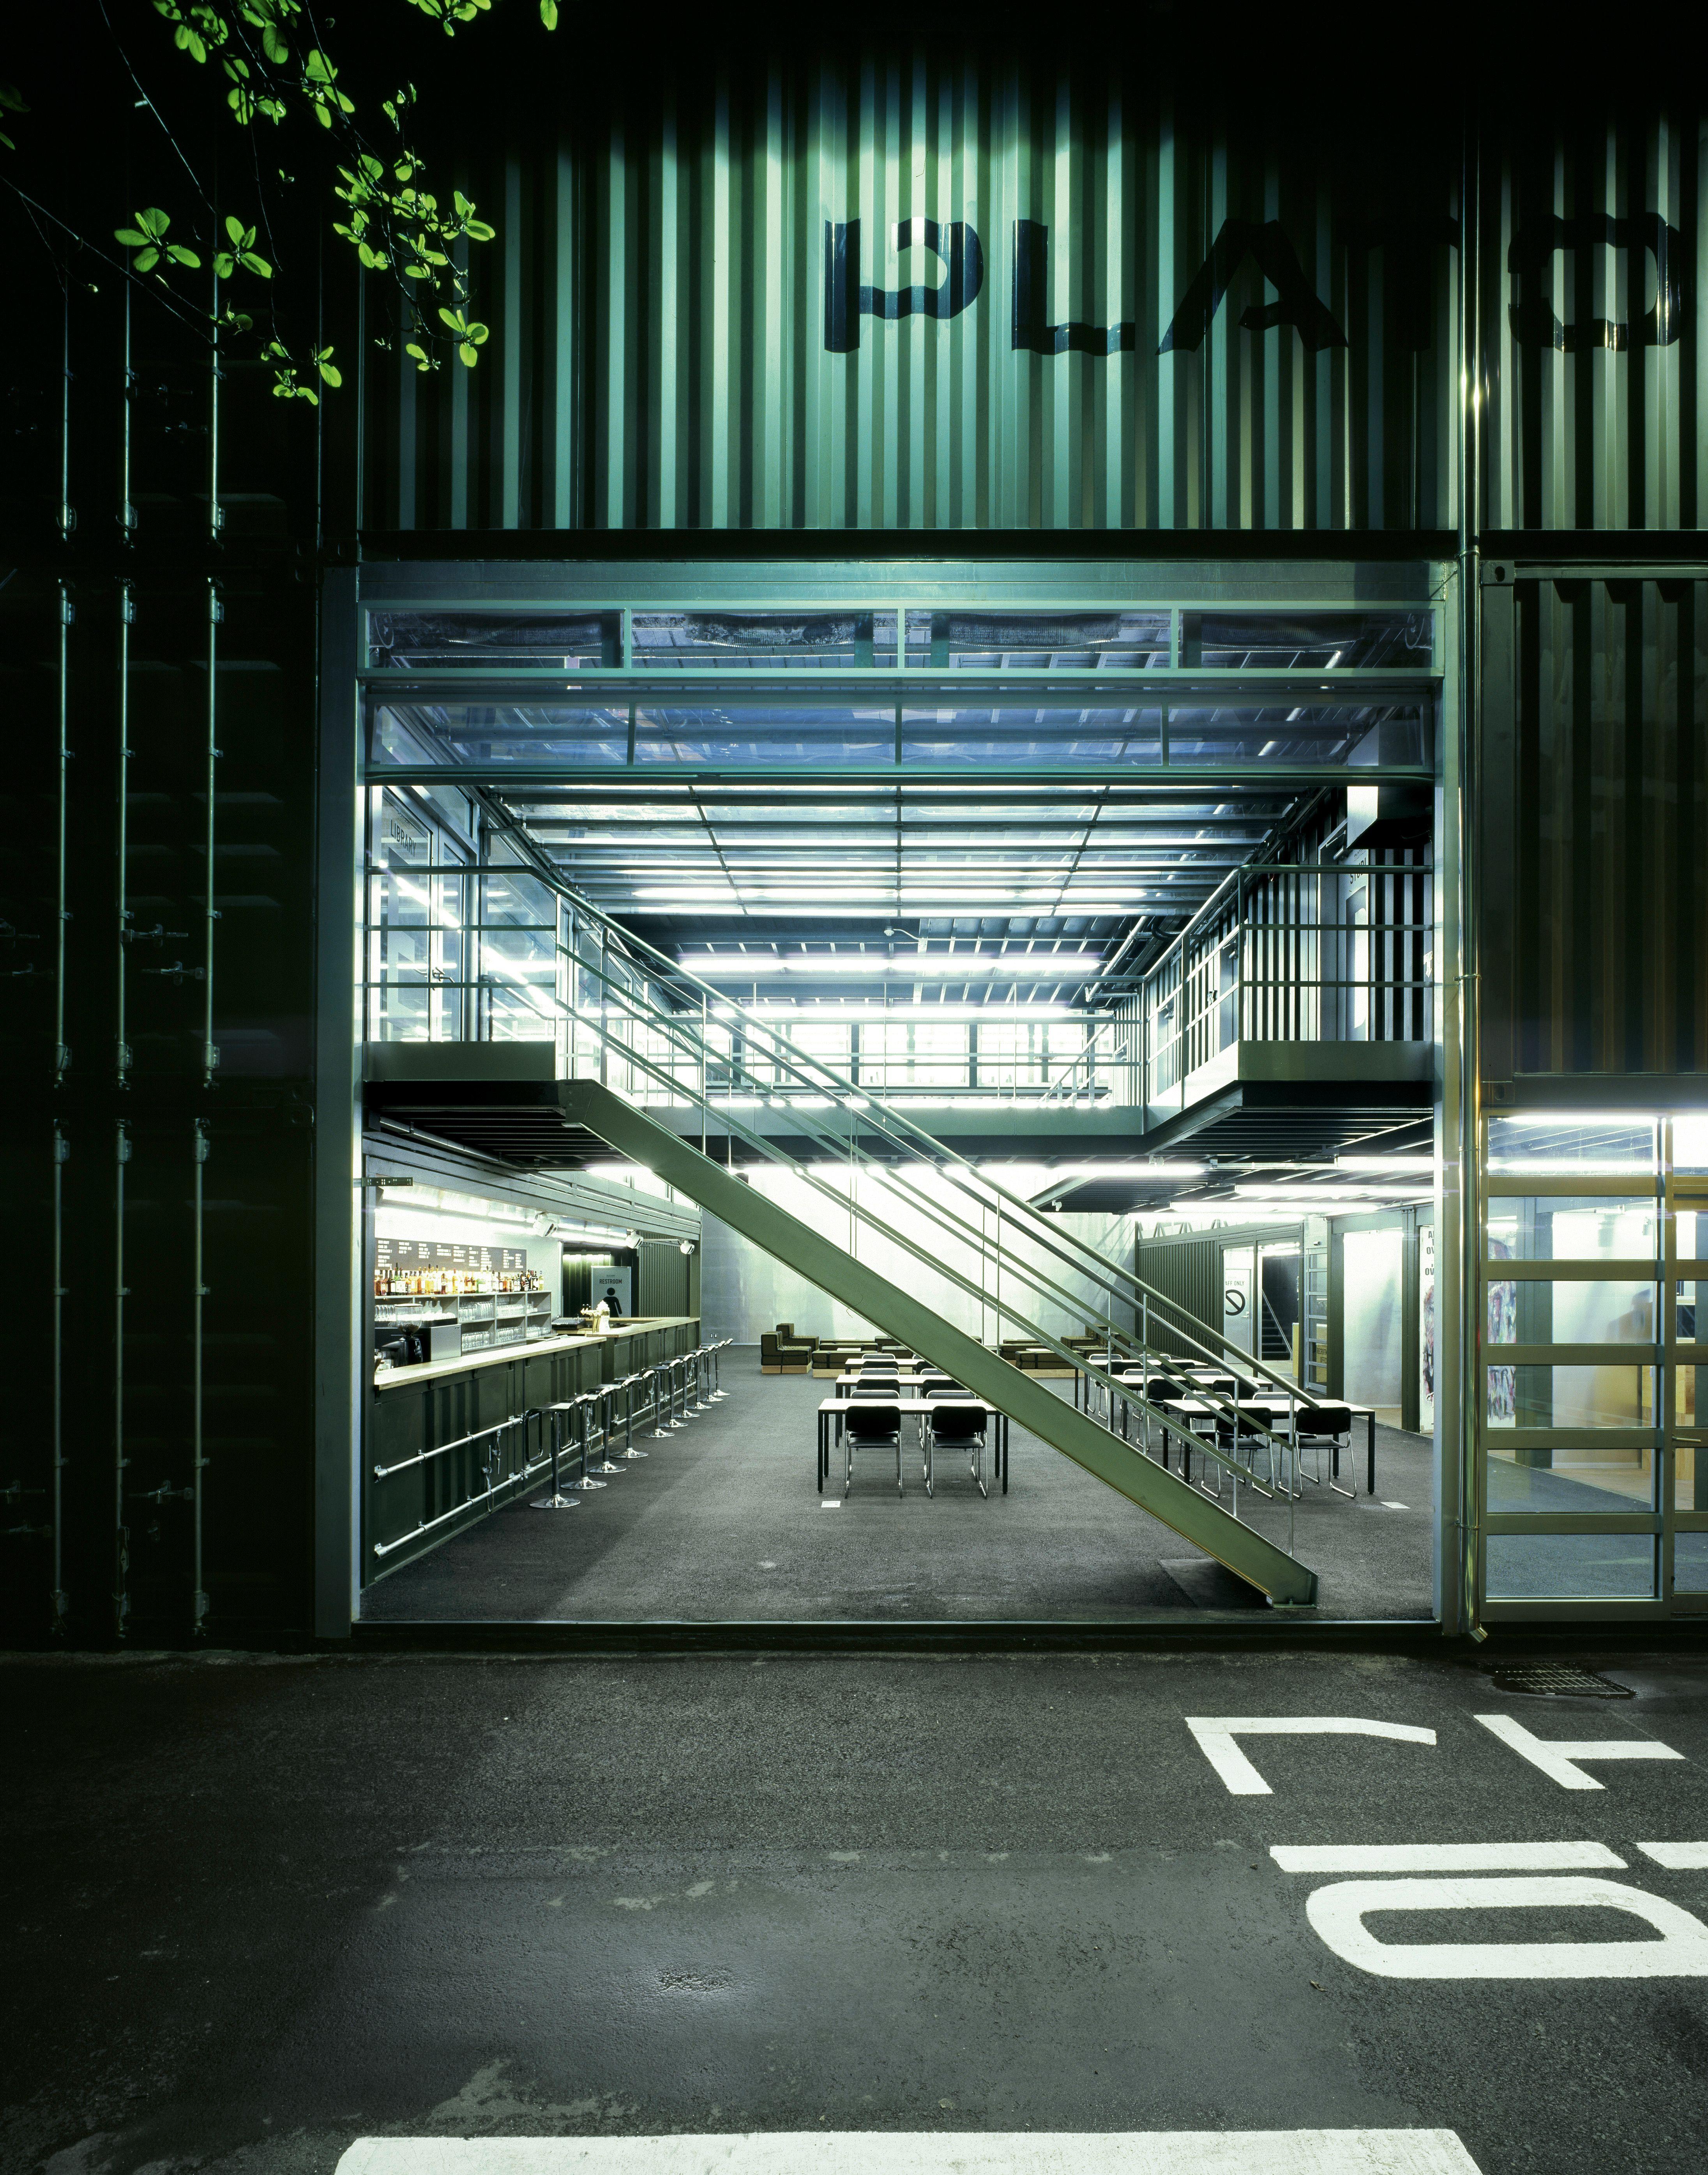 Platoon Kunsthalle Seoul